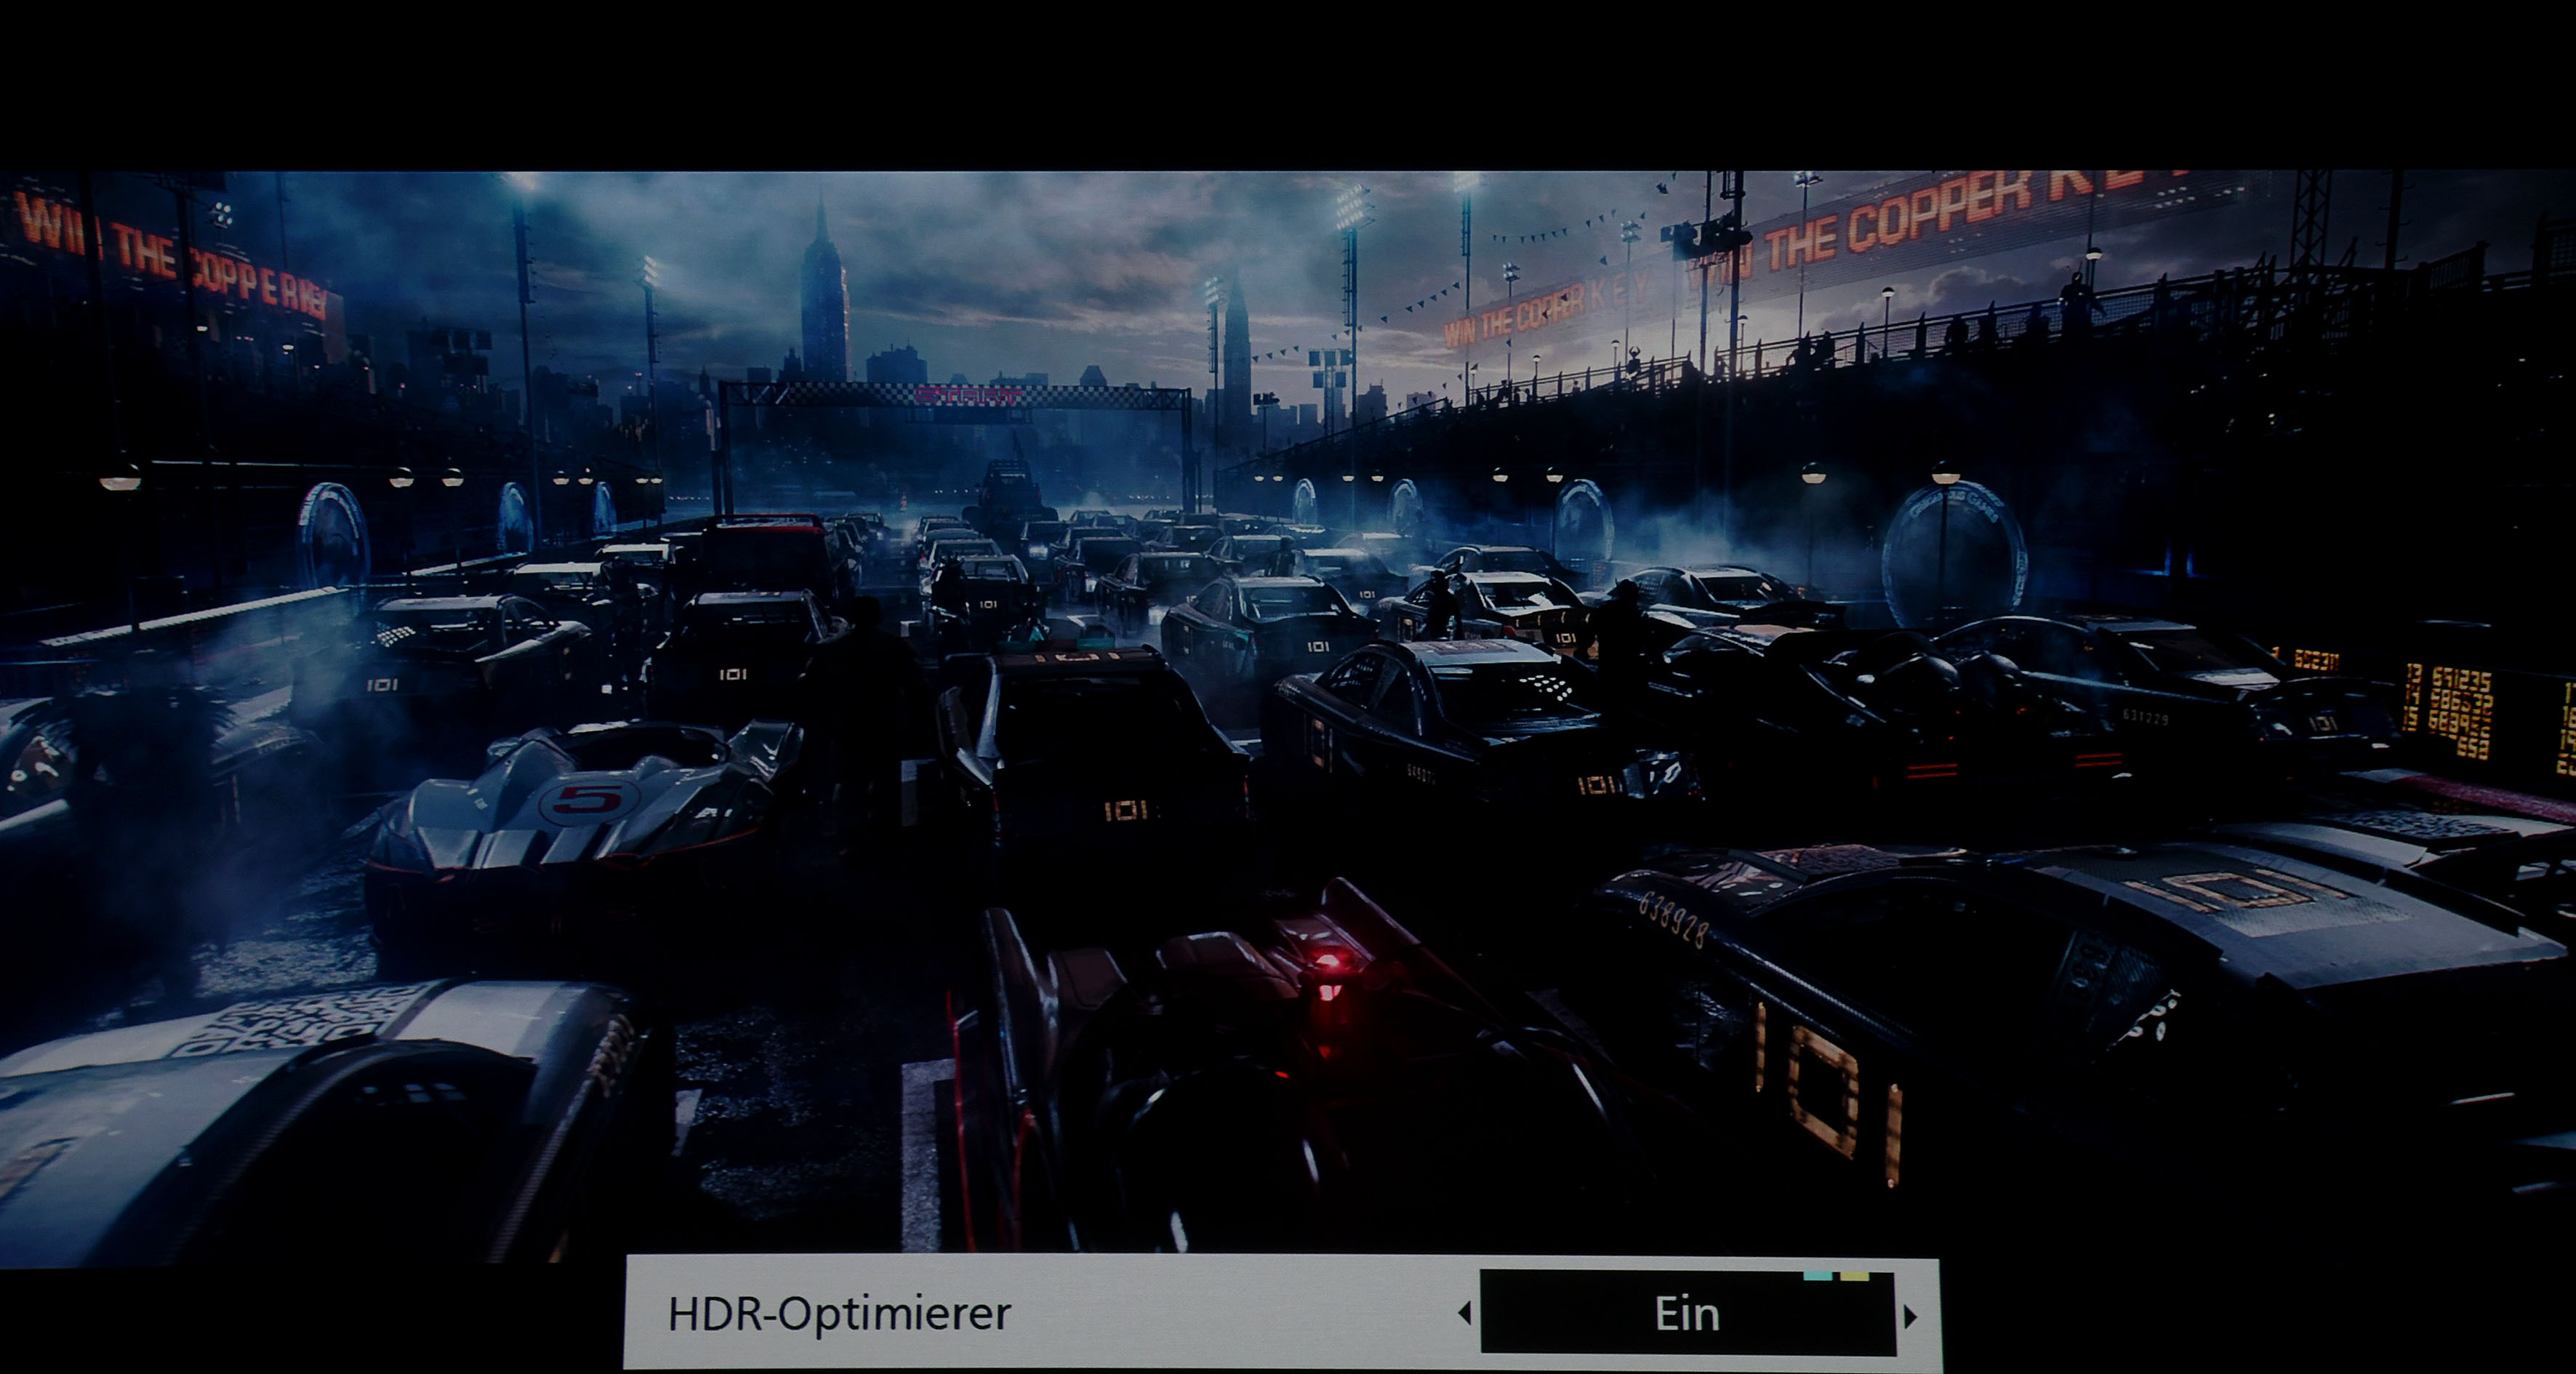 Ready Player On – Auch in dieser Szene sind alle Inhalte zu sehen, wenn ein TV-Gerät oder Projektor auf 500 Nits eingestellt ist – und auf diesen Wert das Tone Mapping erfolgt.